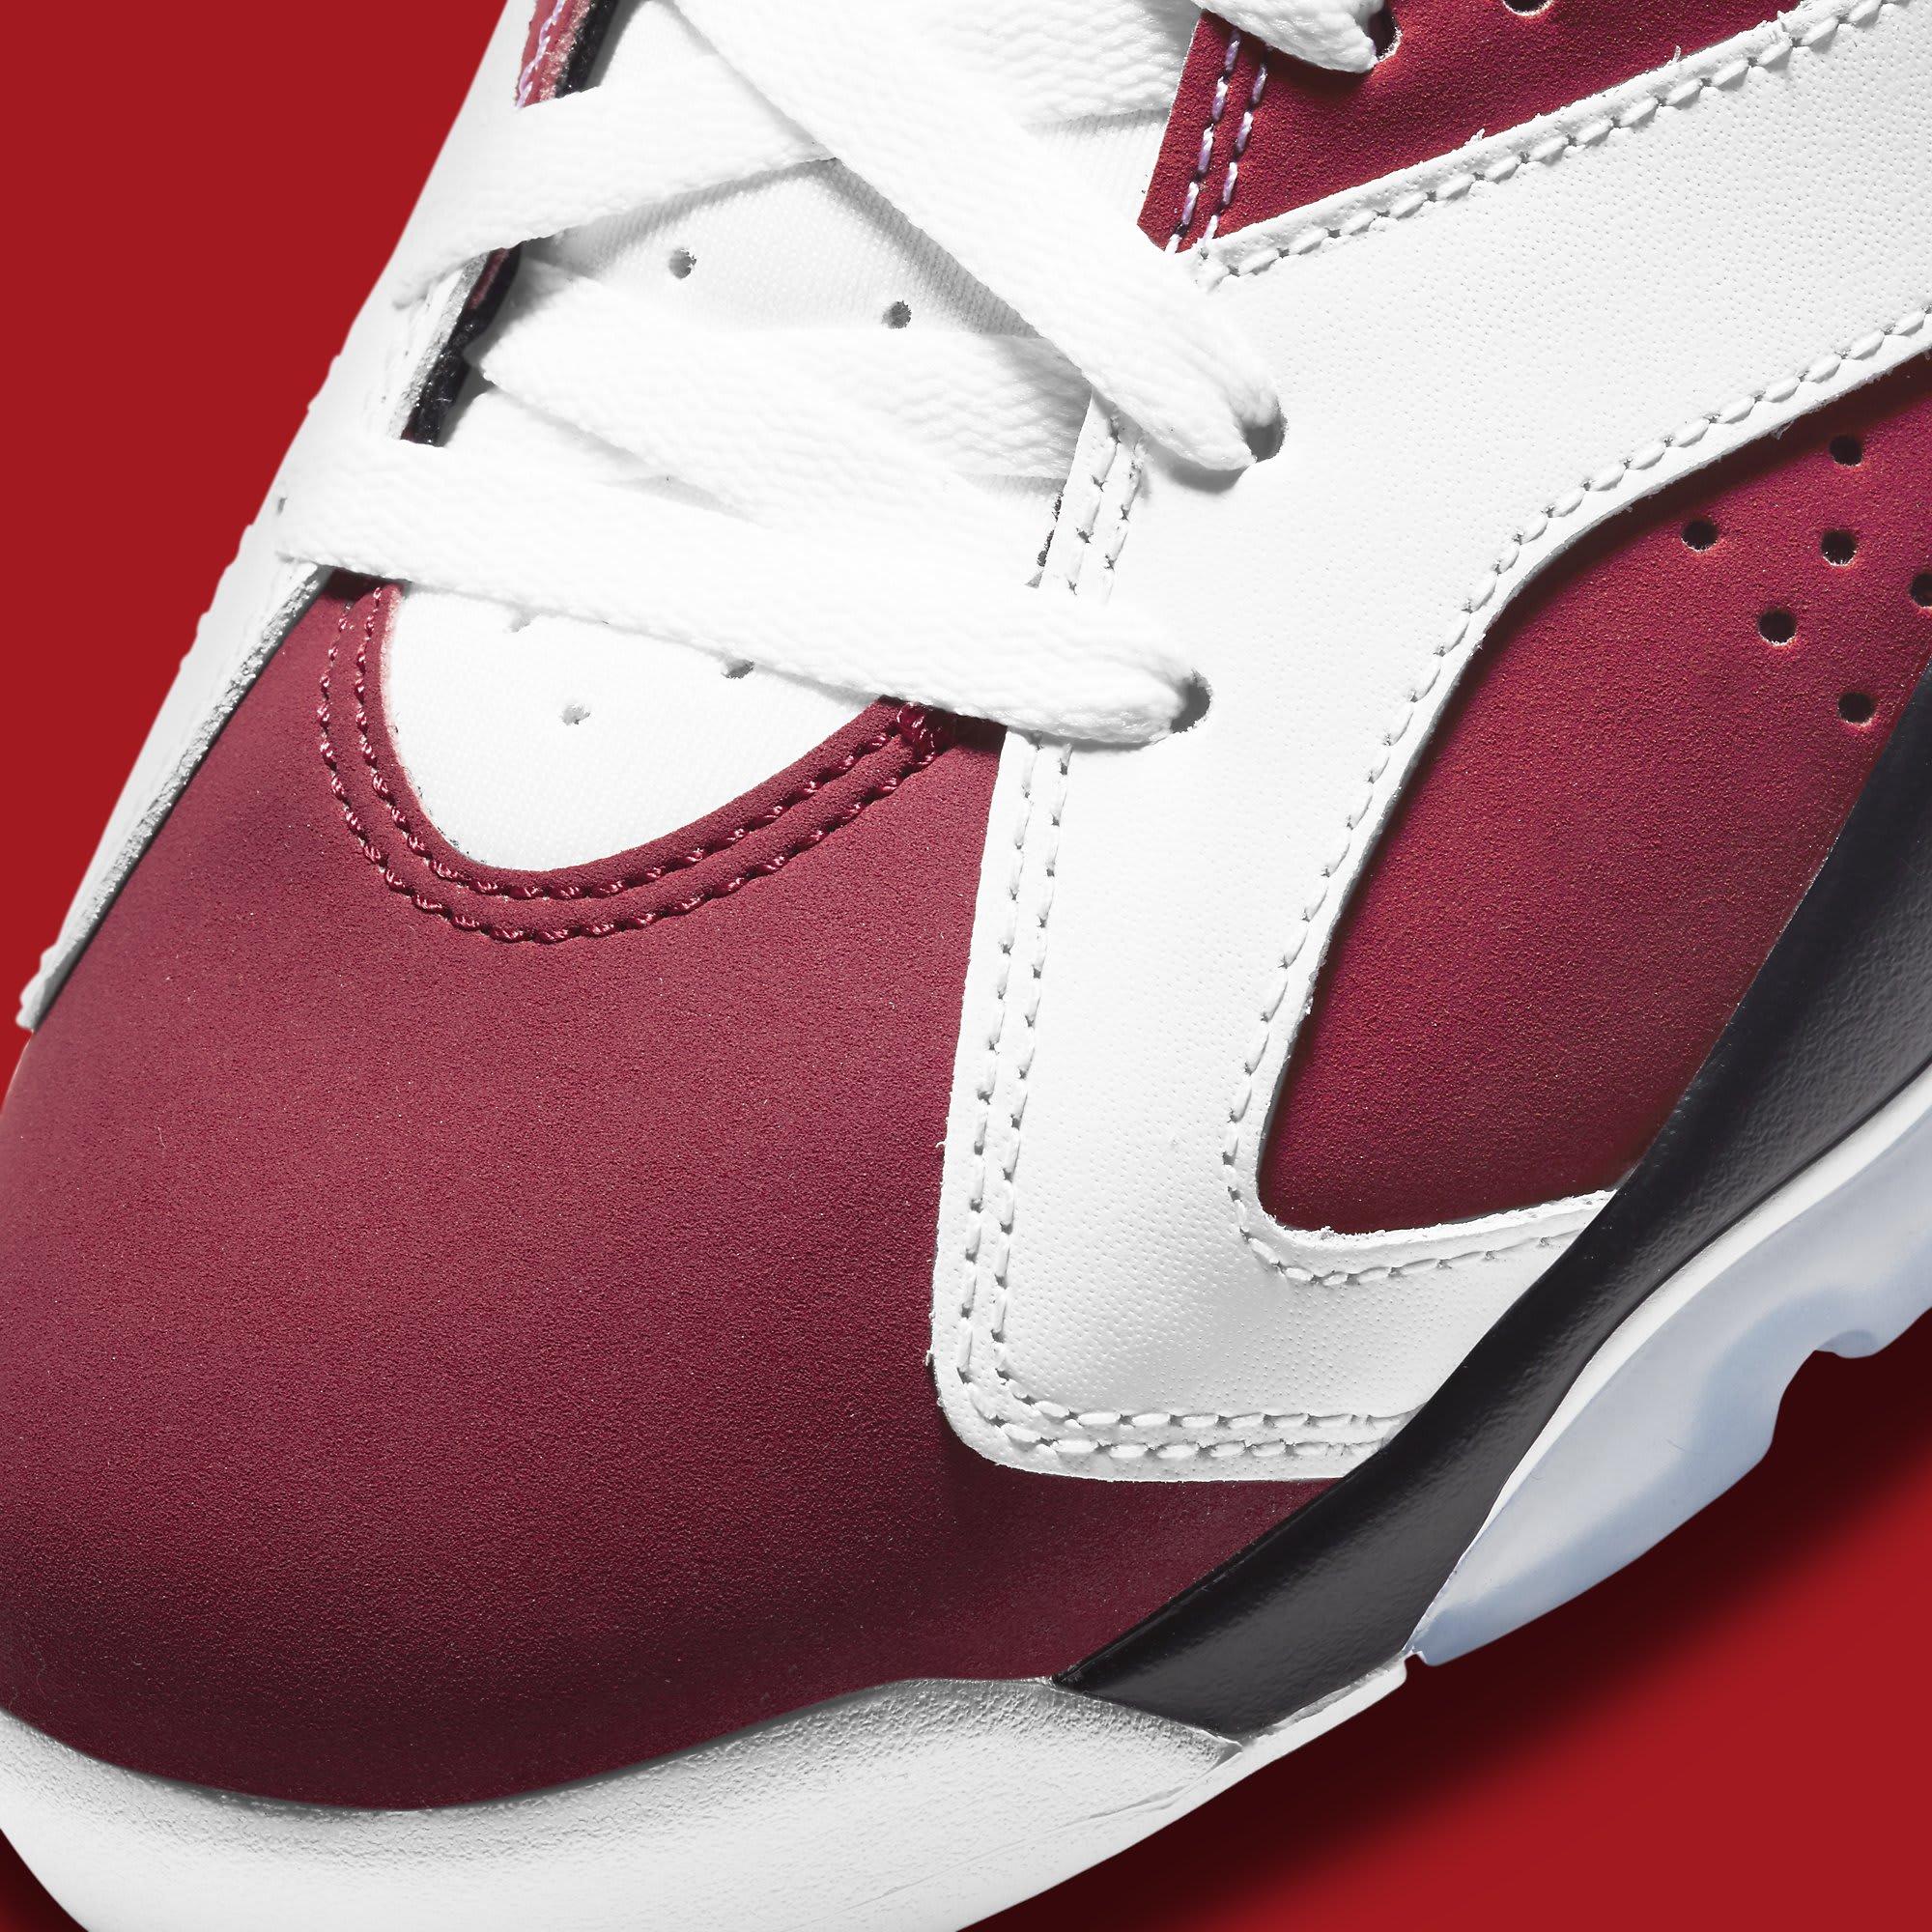 Air Jordan 6 Retro 'Carmine' 2021 CT8529-106 Toe